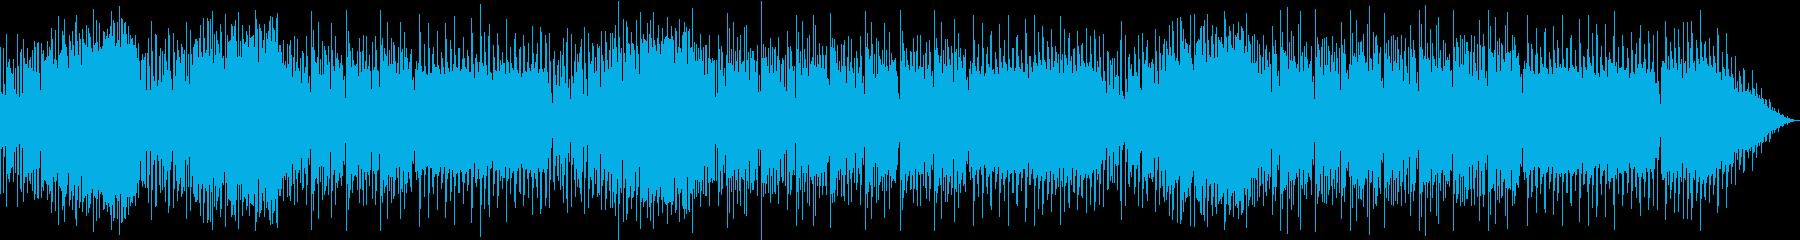 軽快で爽快なEDM・ハウス-シンセリードの再生済みの波形